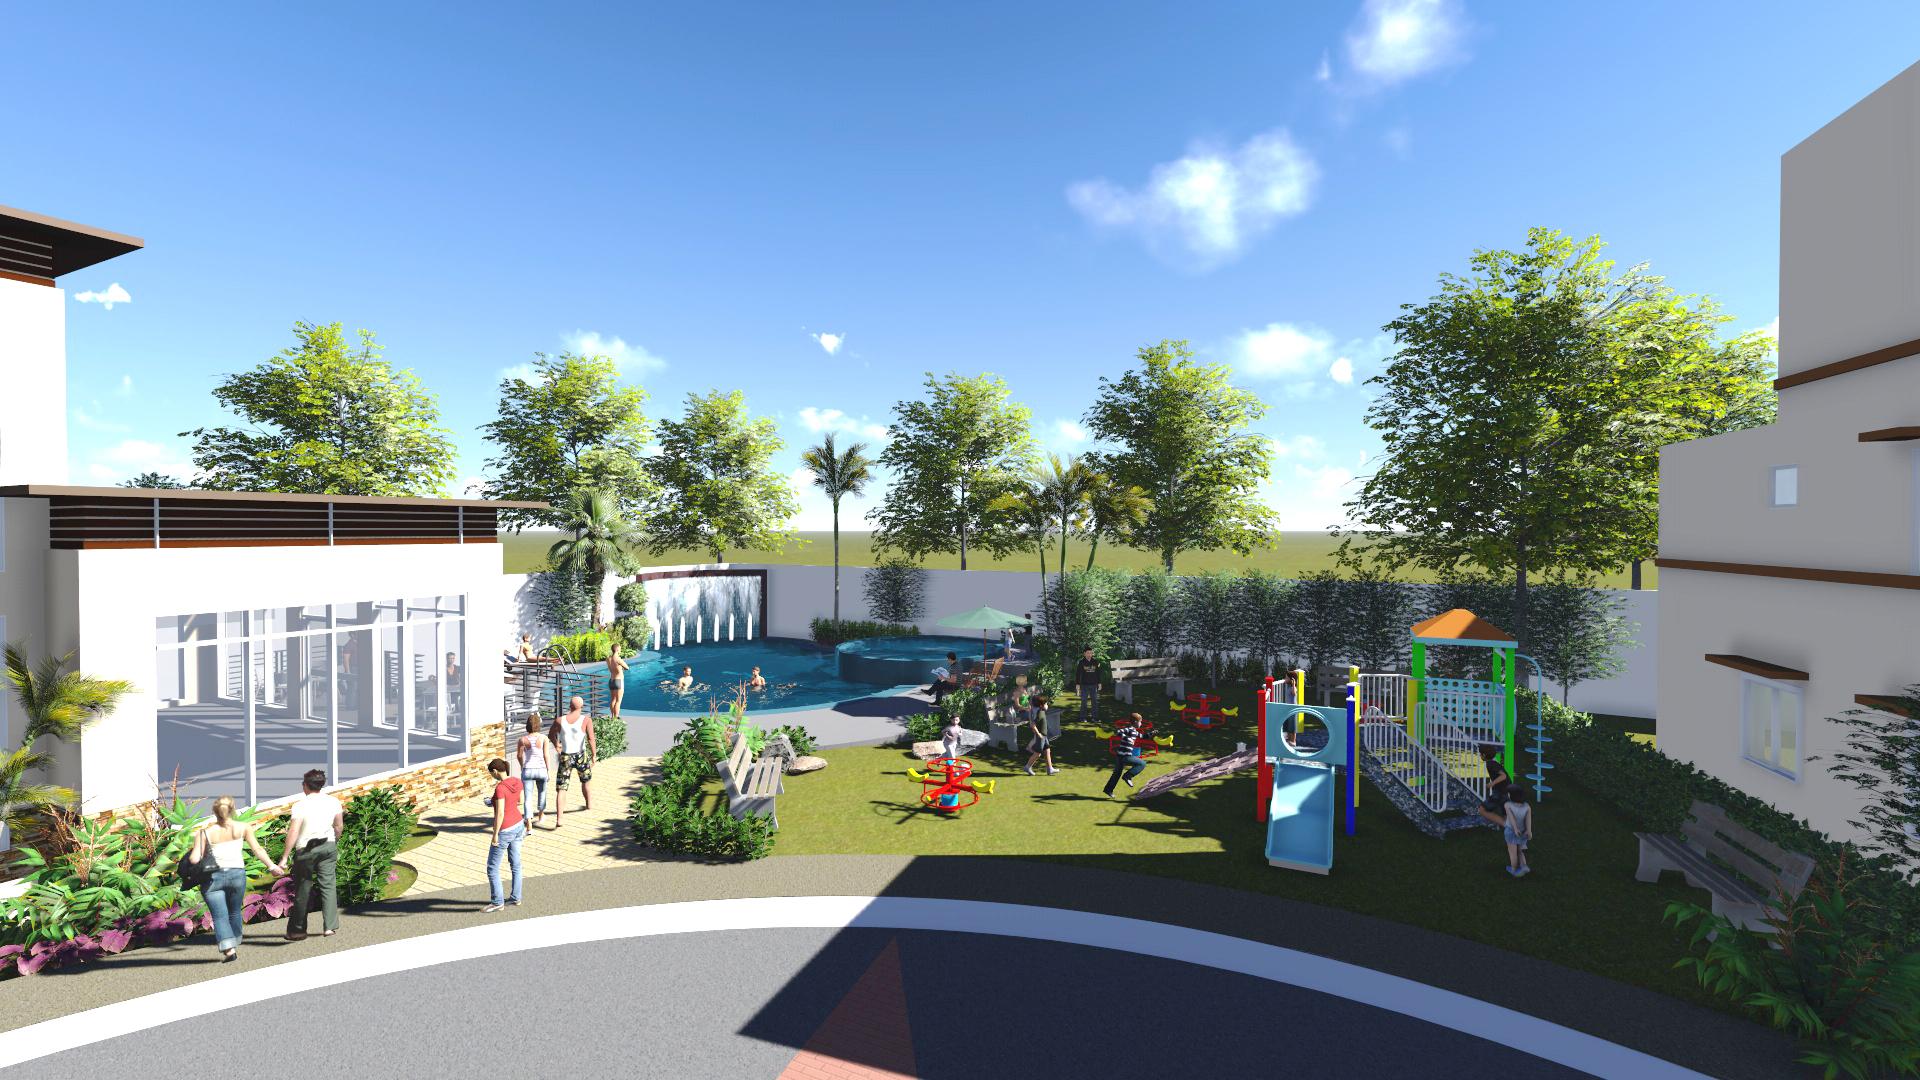 Avillon Garden - Playground